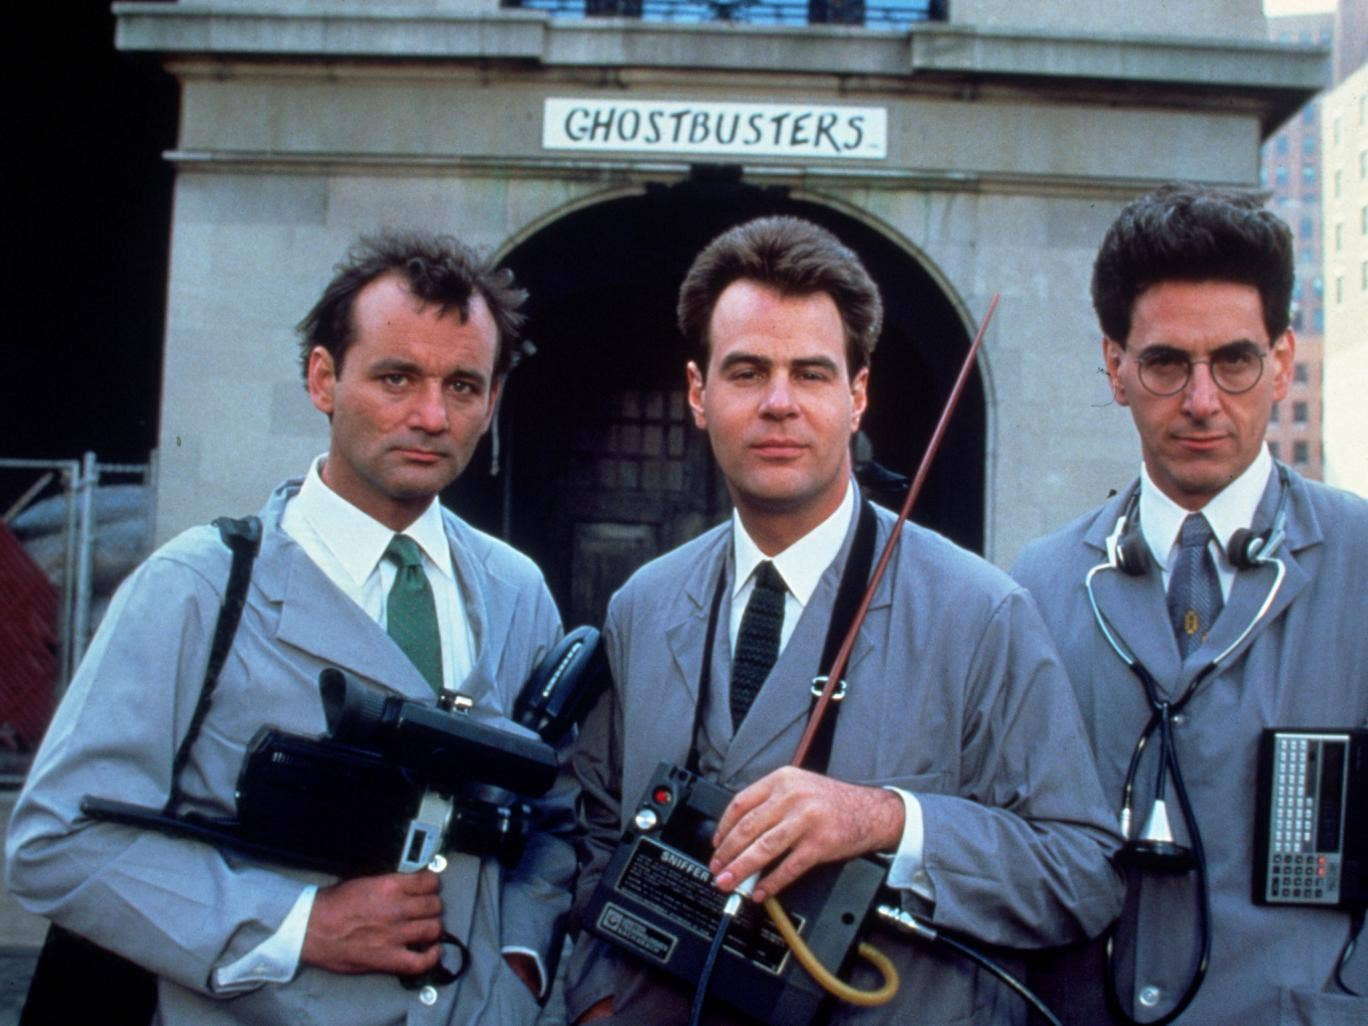 Bill Murray, Dan Aykroyd and Harold Ramis in 1984's Ghostbusters